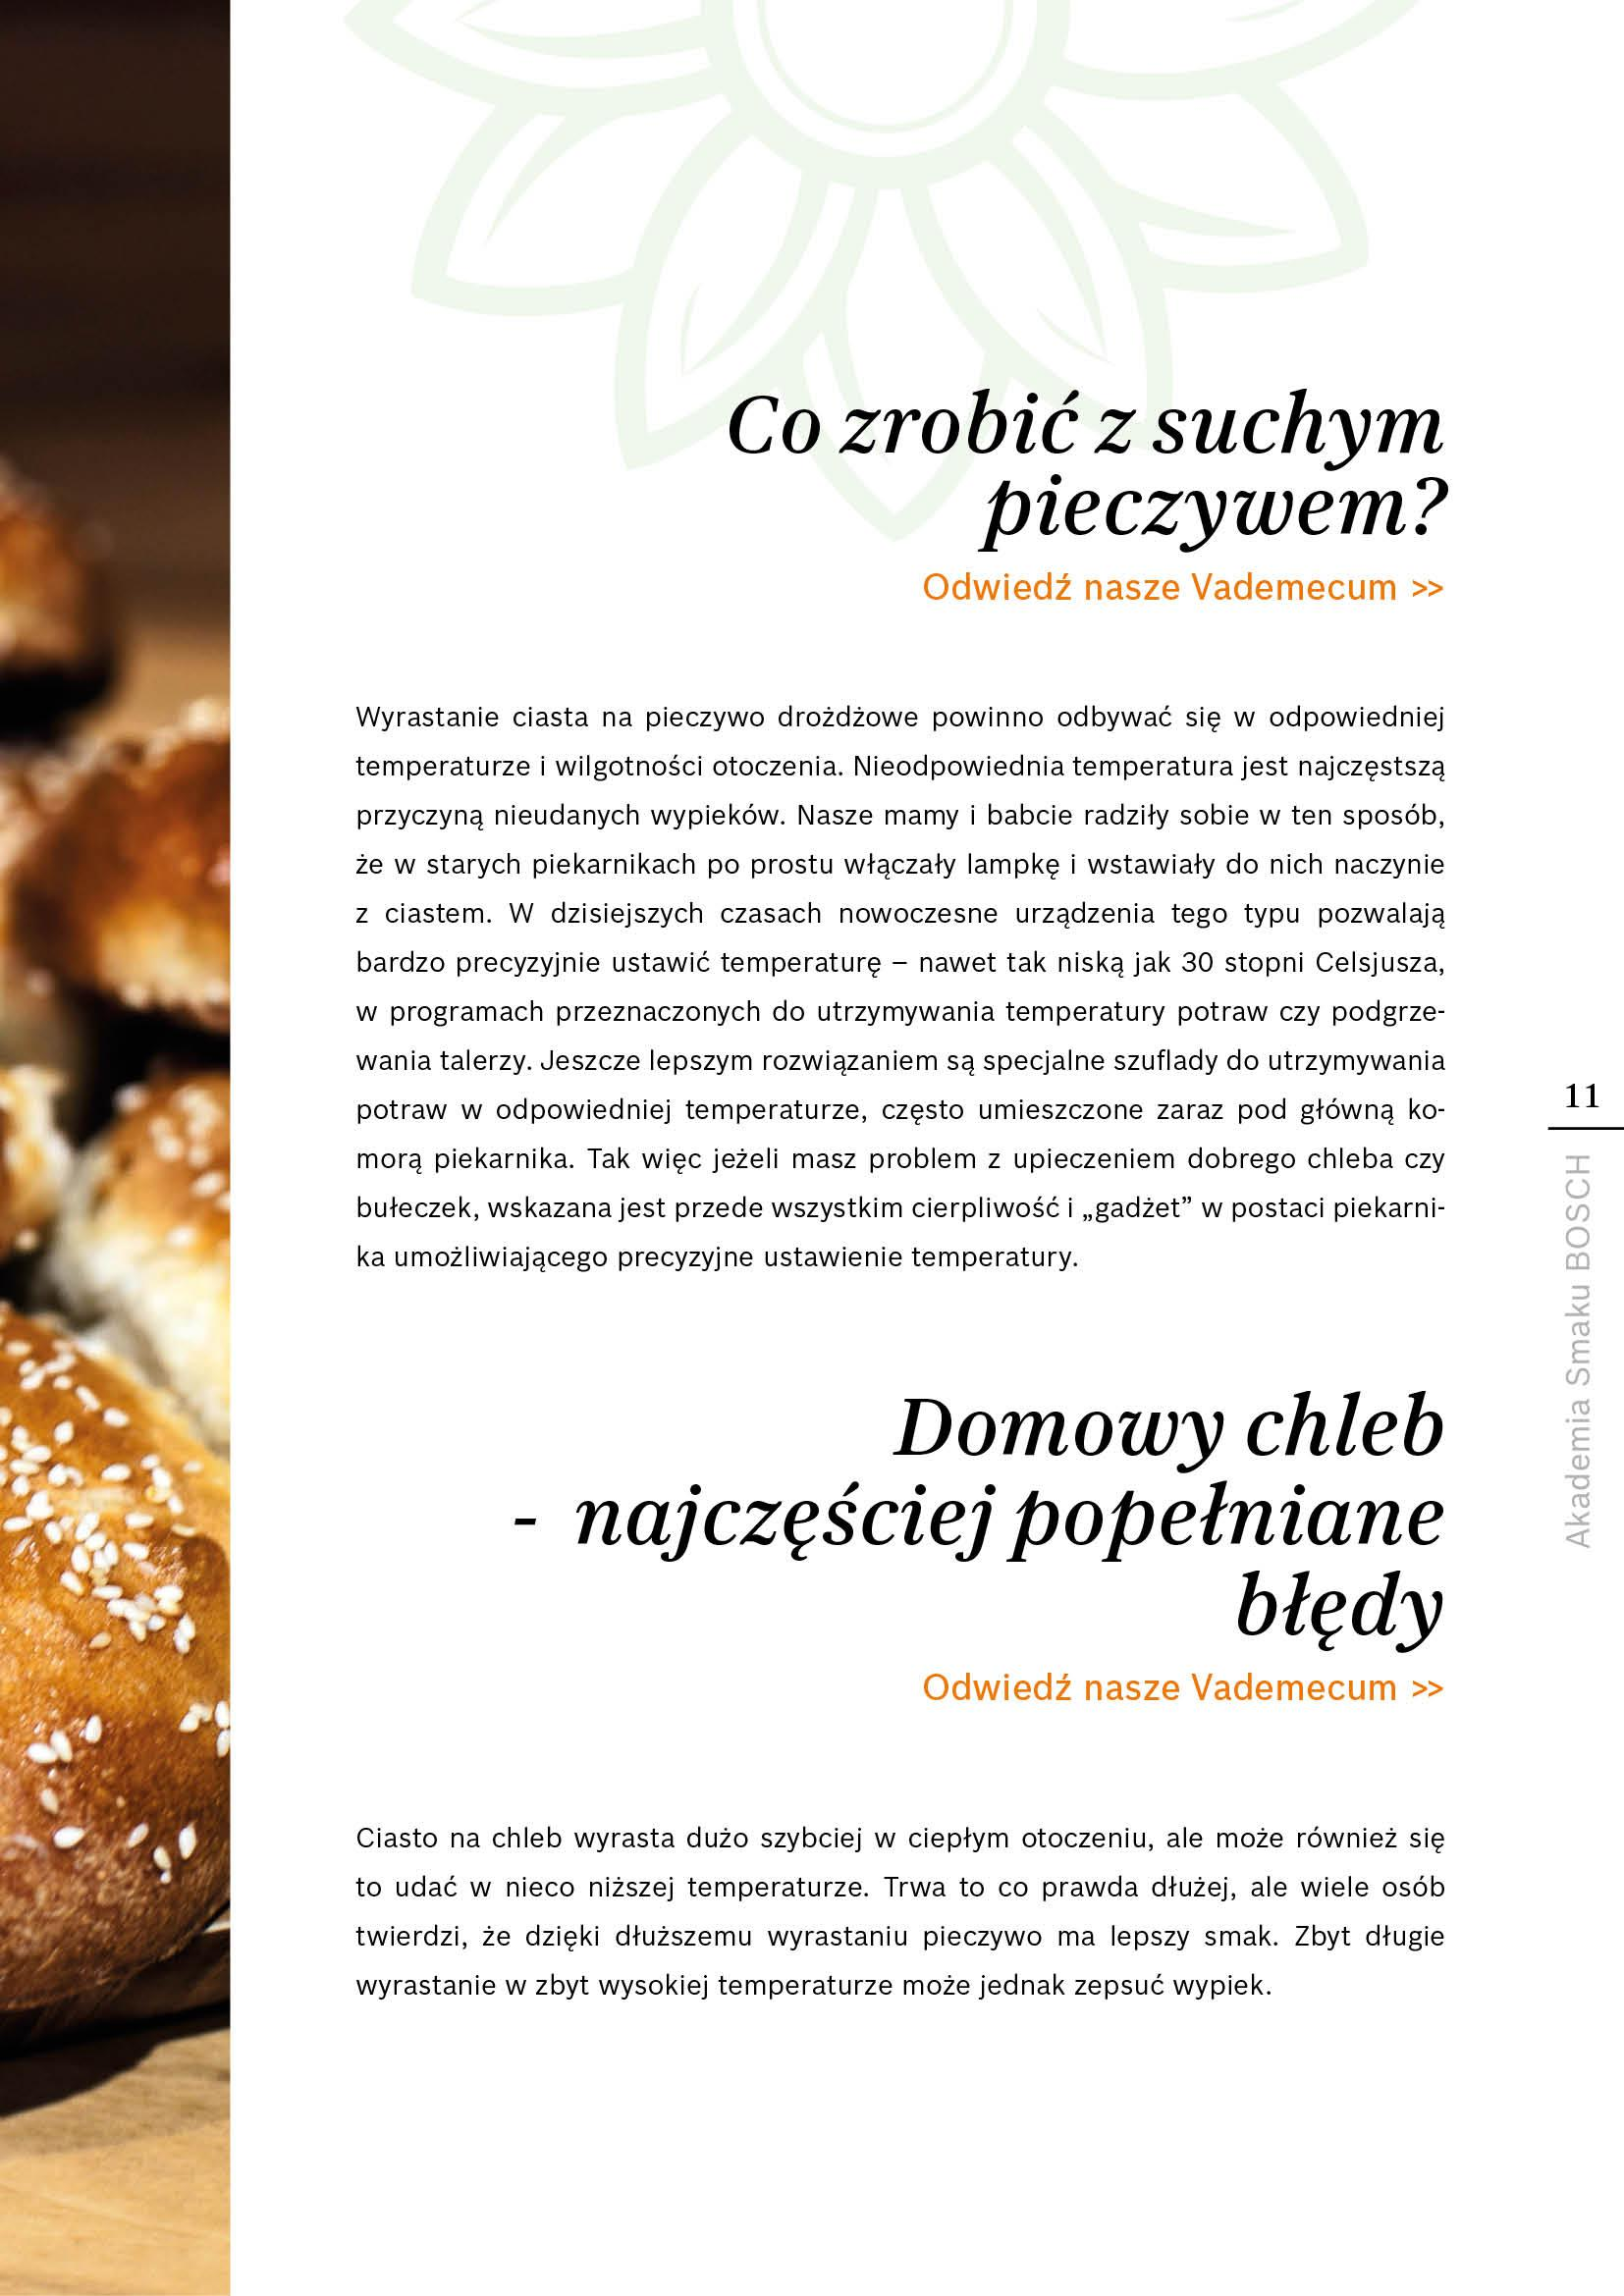 Pieczywo bez tajemnic - Strona 11